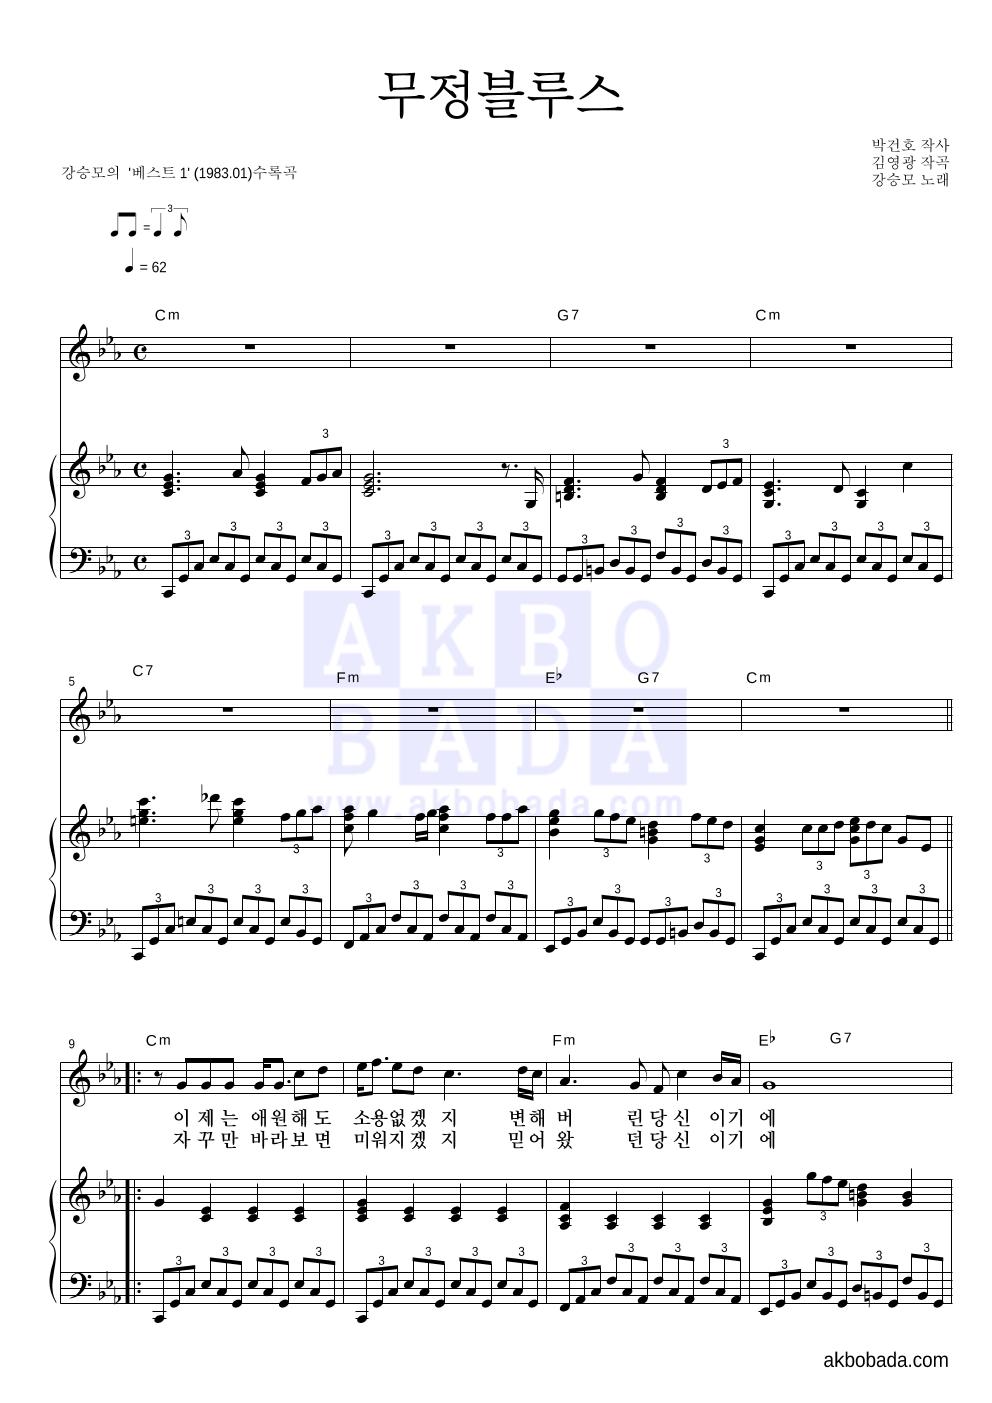 강승모 - 무정블루스 피아노 3단 악보